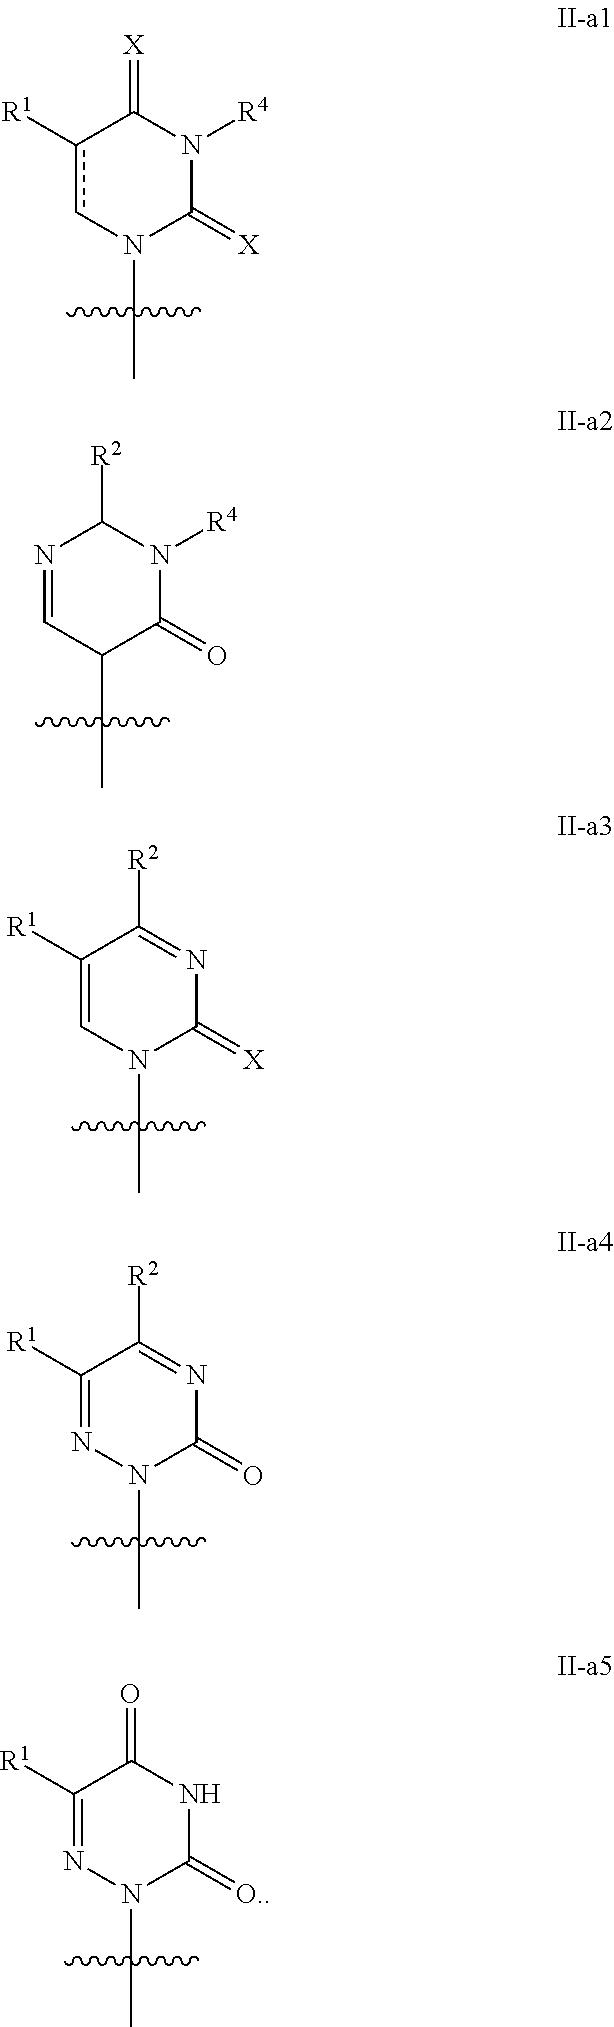 Figure US09657295-20170523-C00017